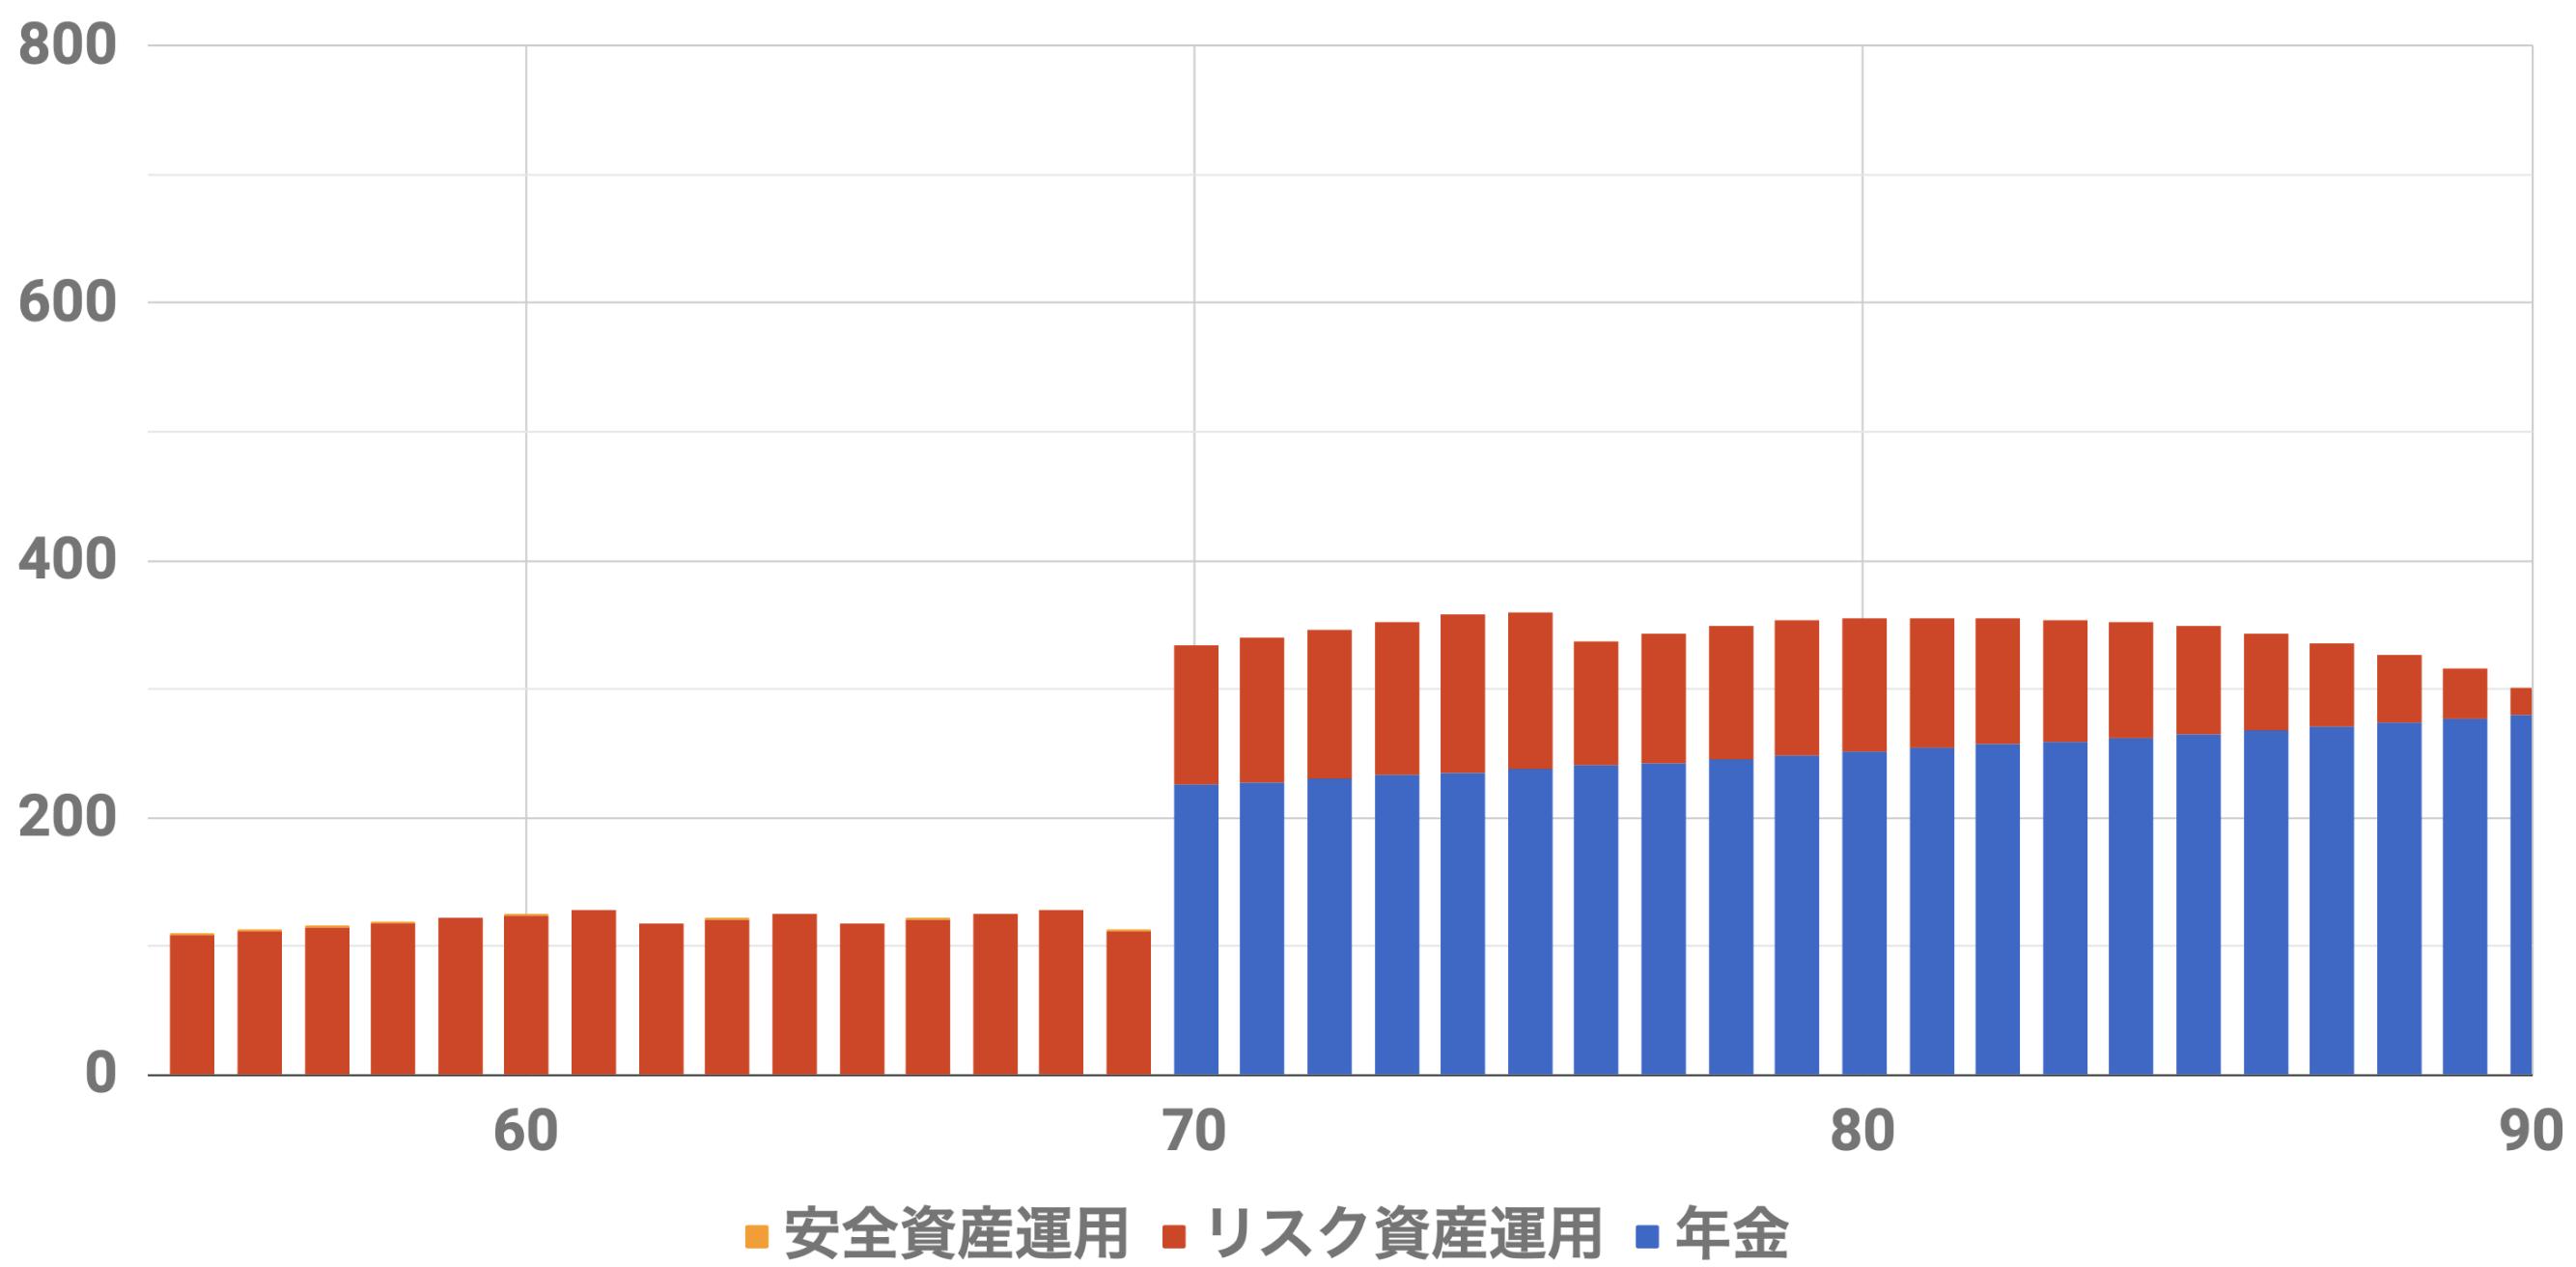 55歳6000万収入シミュレーション(Level4)インフレ率2%利率3.0%連続増配率3.0%